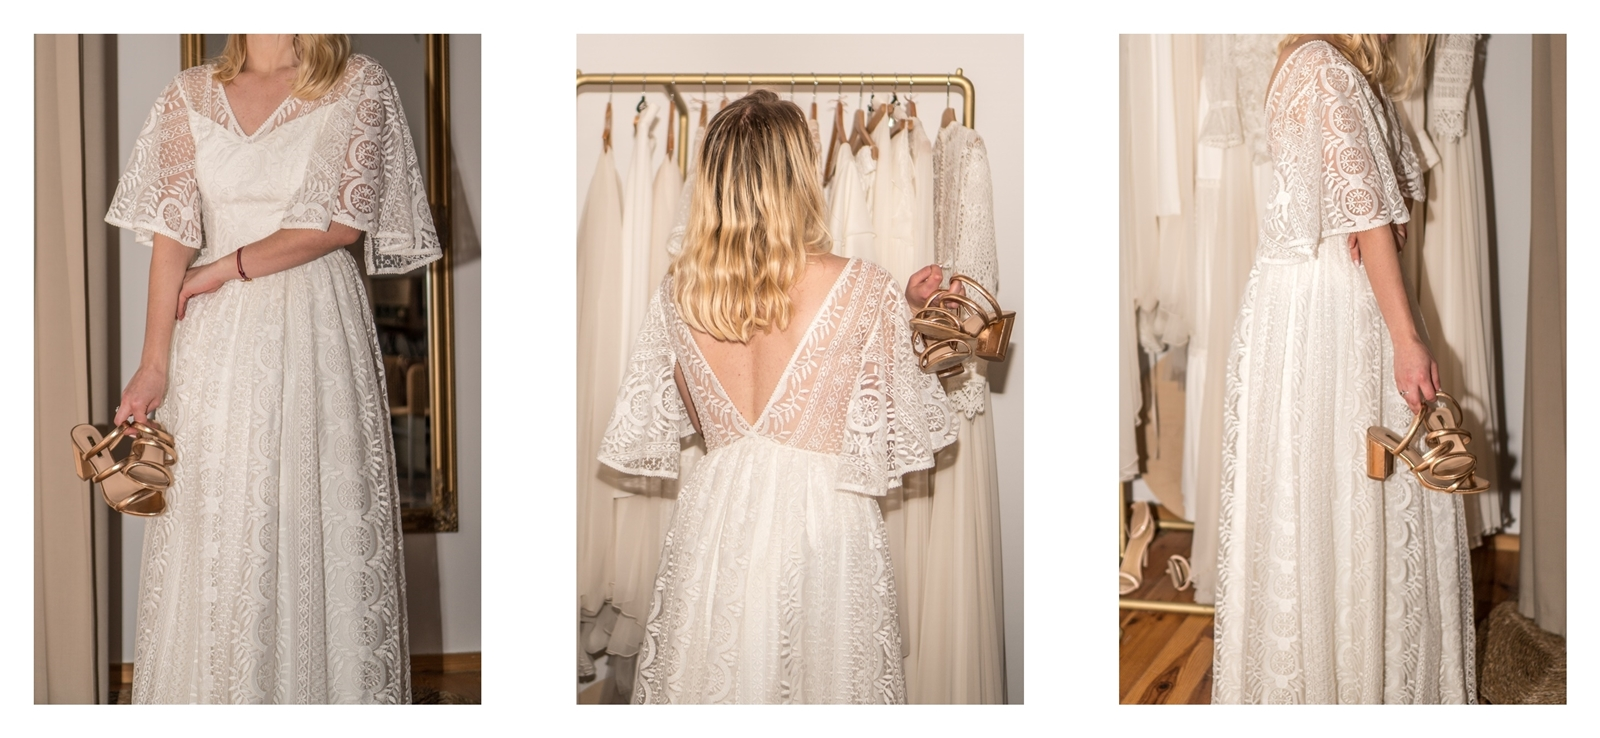 21 suknia ślubna boho 2020 rybka koronka suknia ślubna prosta krótka długa syrenka syrena z trenem cywilny jedwabna rustykalna koronkowa